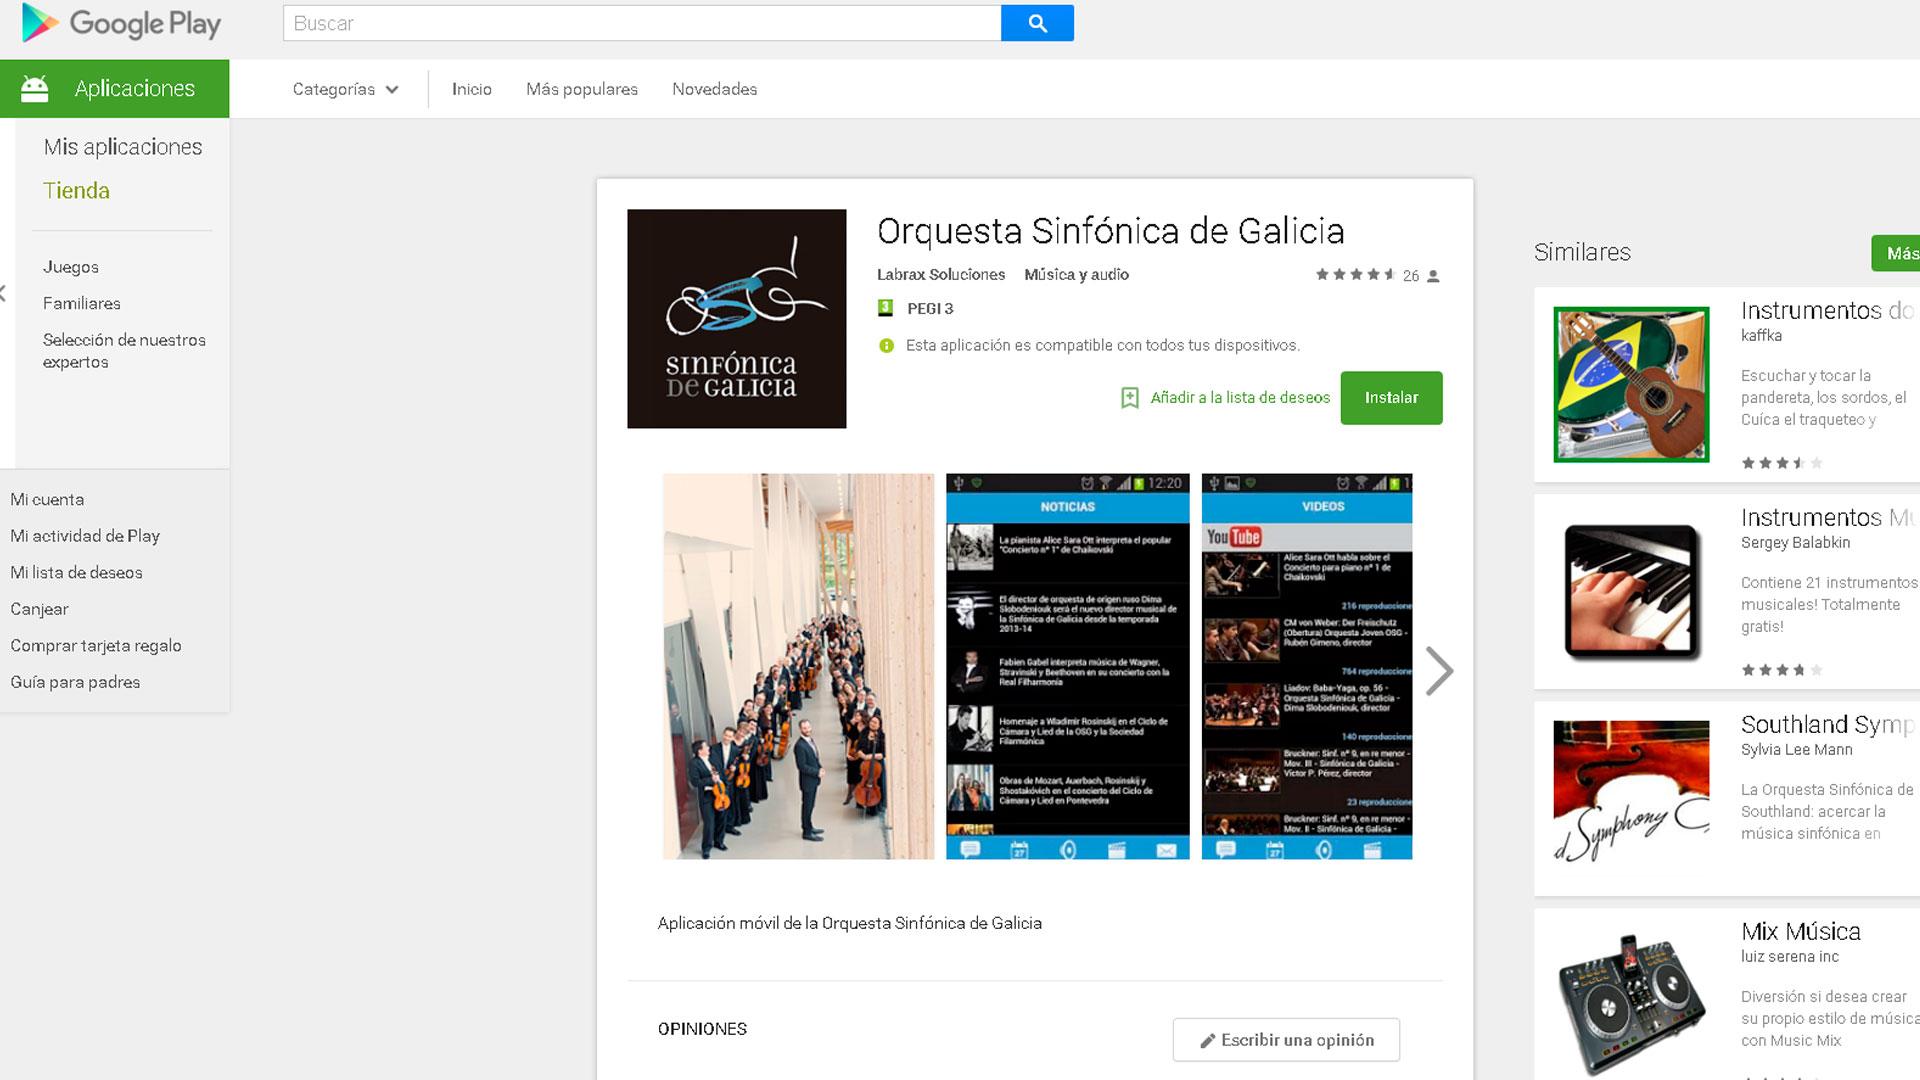 La App de la Sinfónica de Galicia para iOS y Android ofrece vídeos, música en streaming y toda la información de sus conciertos